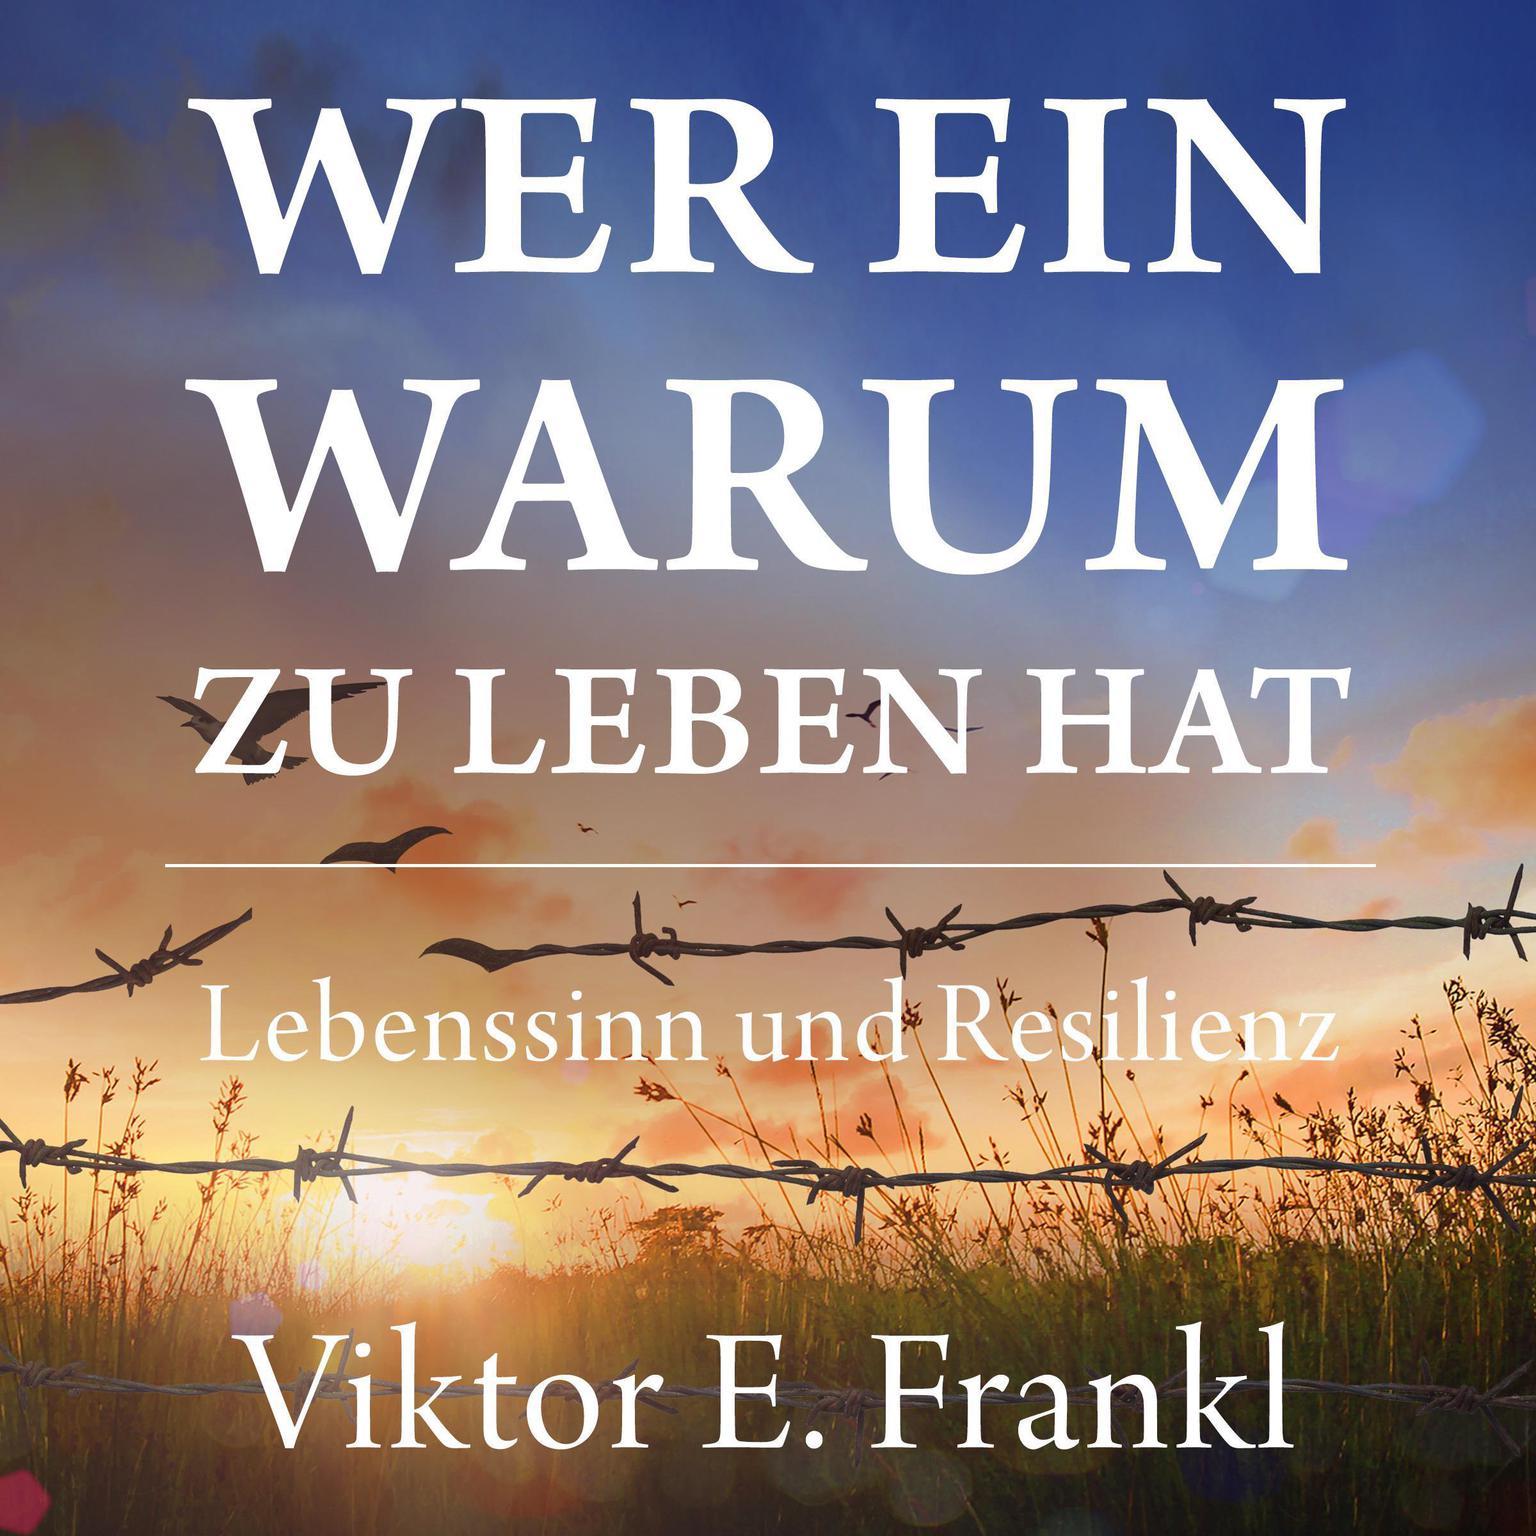 Wer ein Warum zu leben hat. Lebenssinn und Resilienz Audiobook, by Viktor E. Frankl